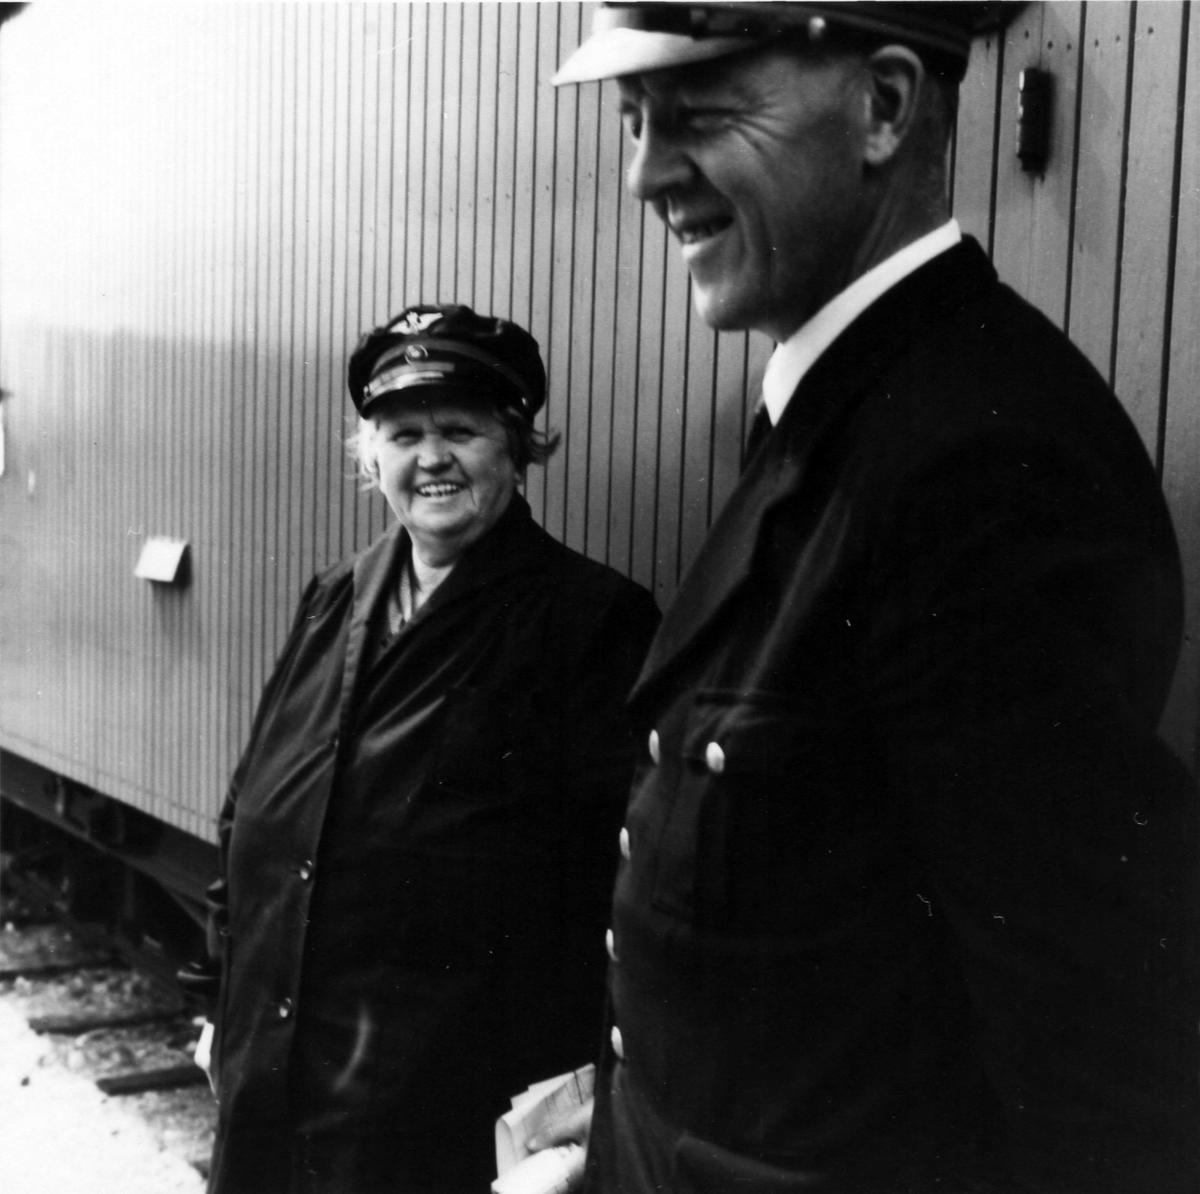 Stasjonsmester og overkonduktør utveksler meldinger under oppholdet på Hornåseng stasjon.